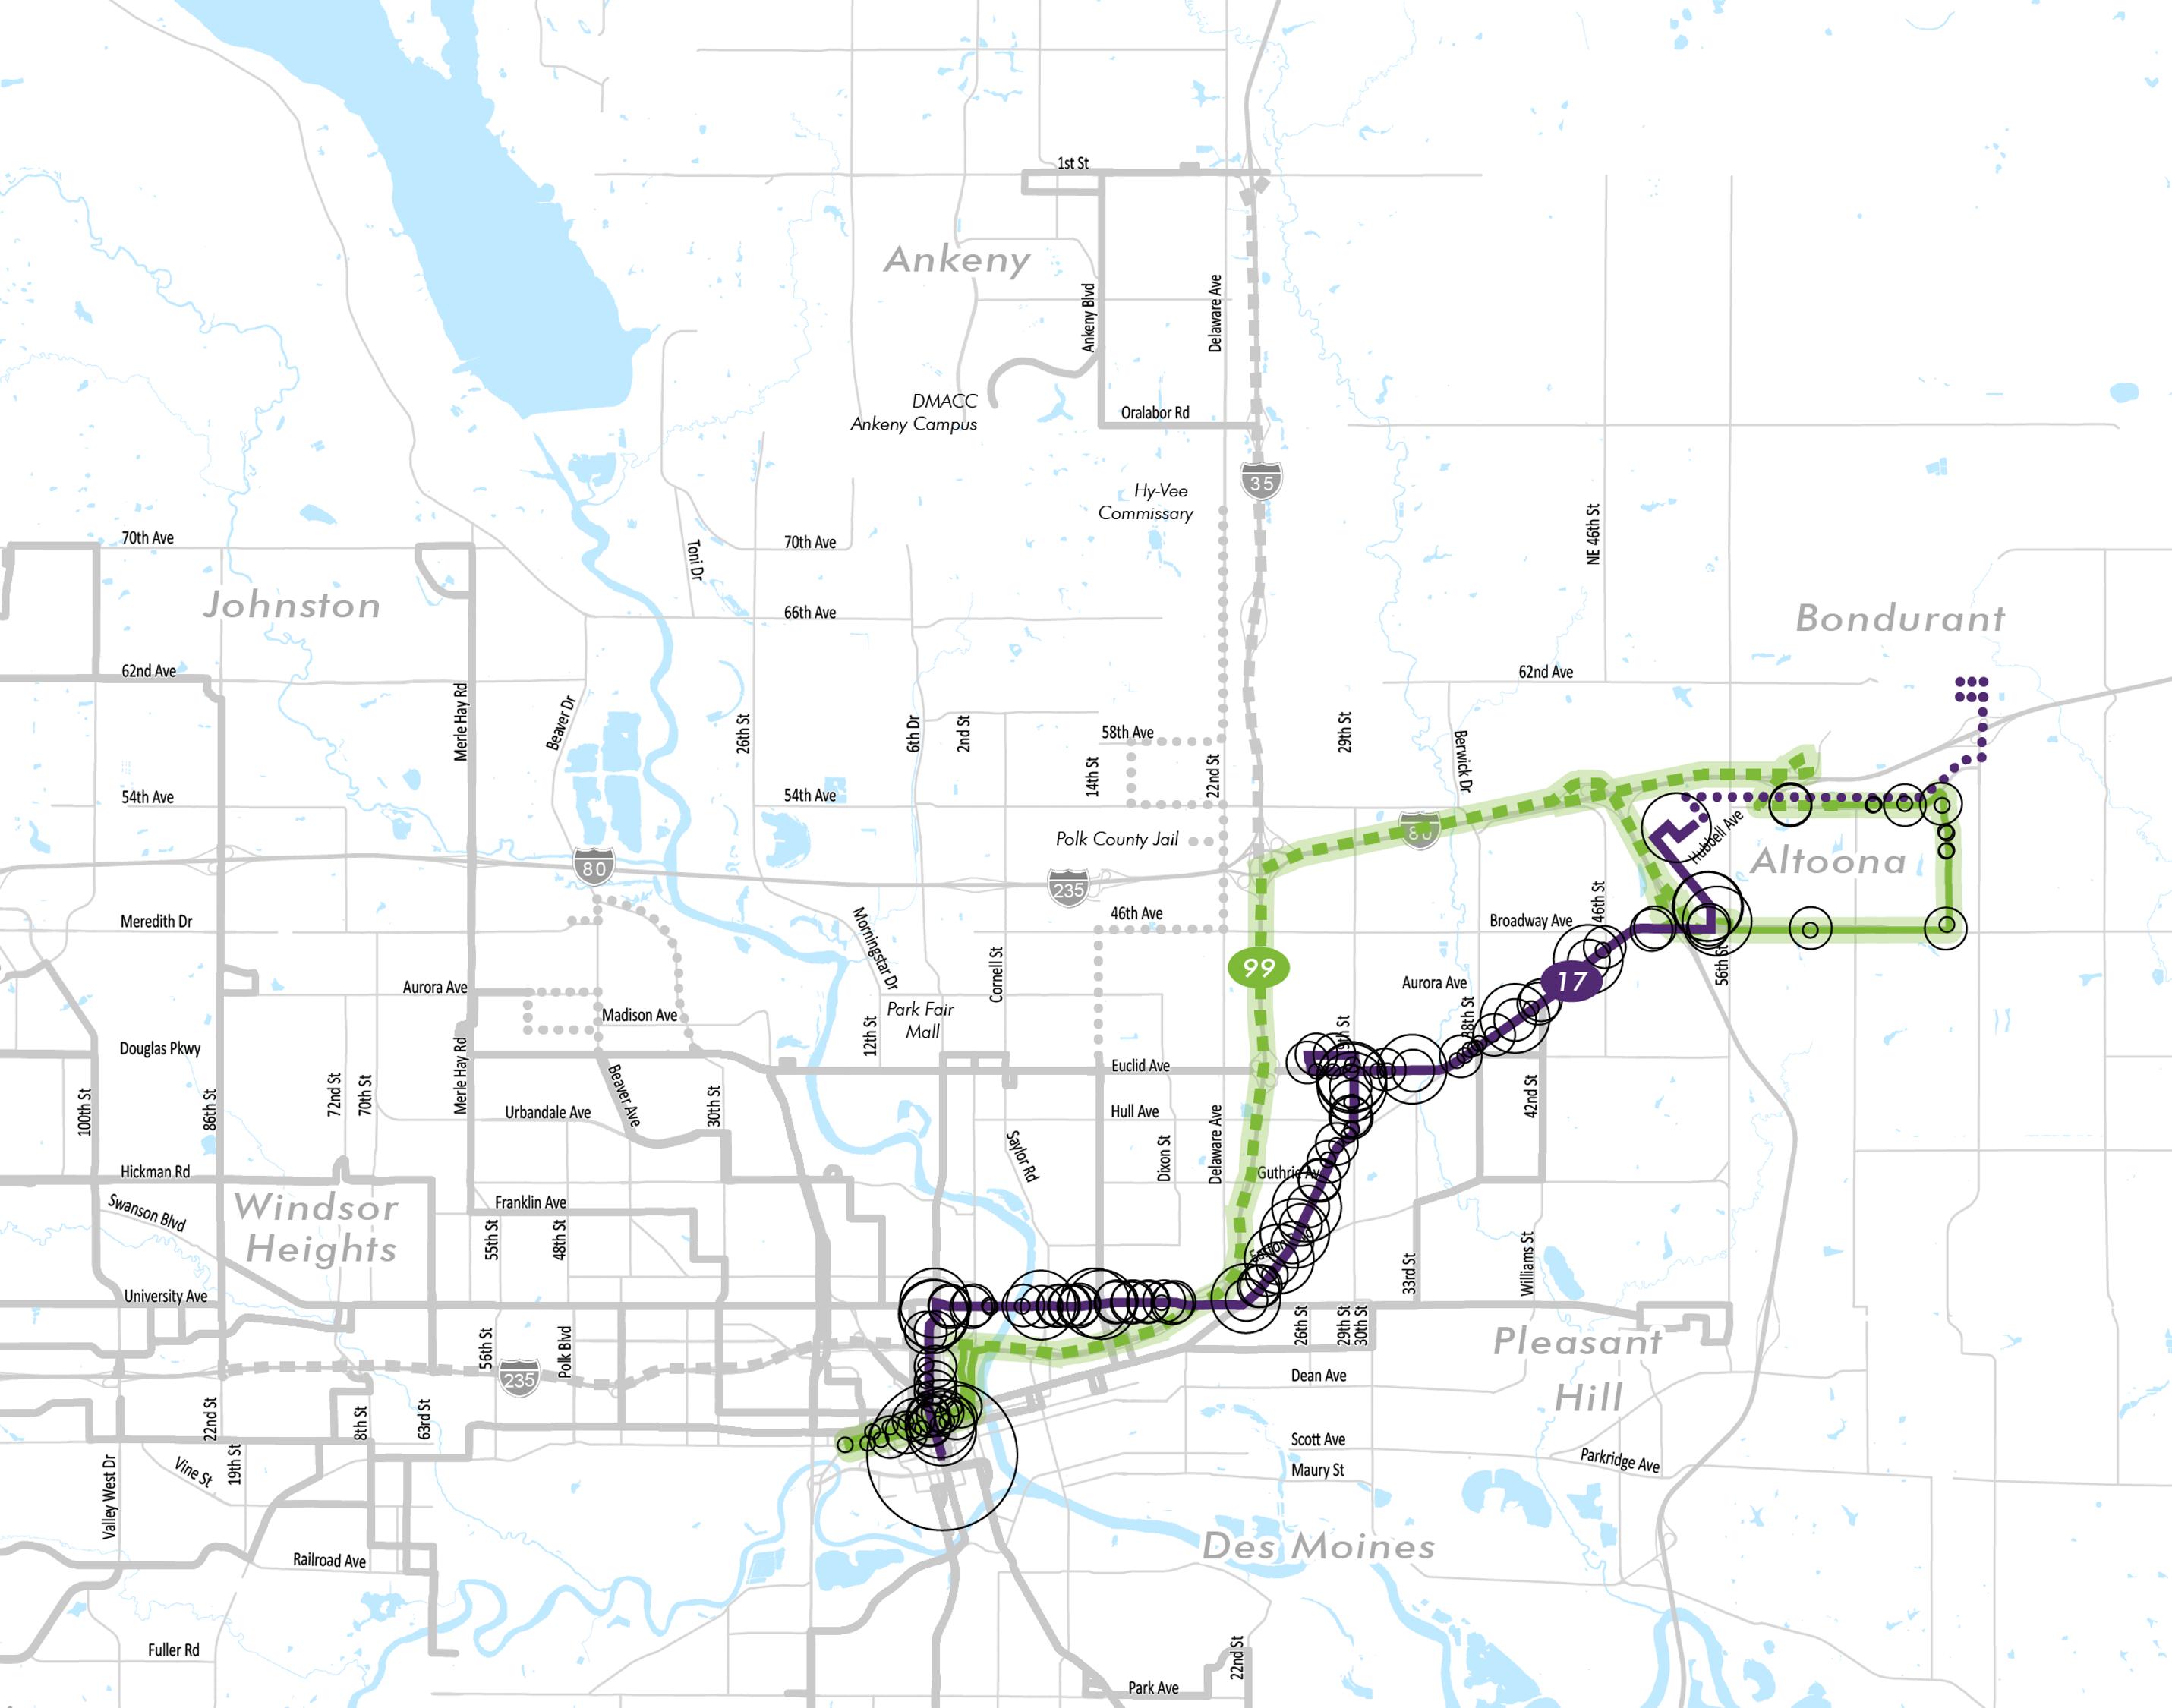 Altoona service proposals